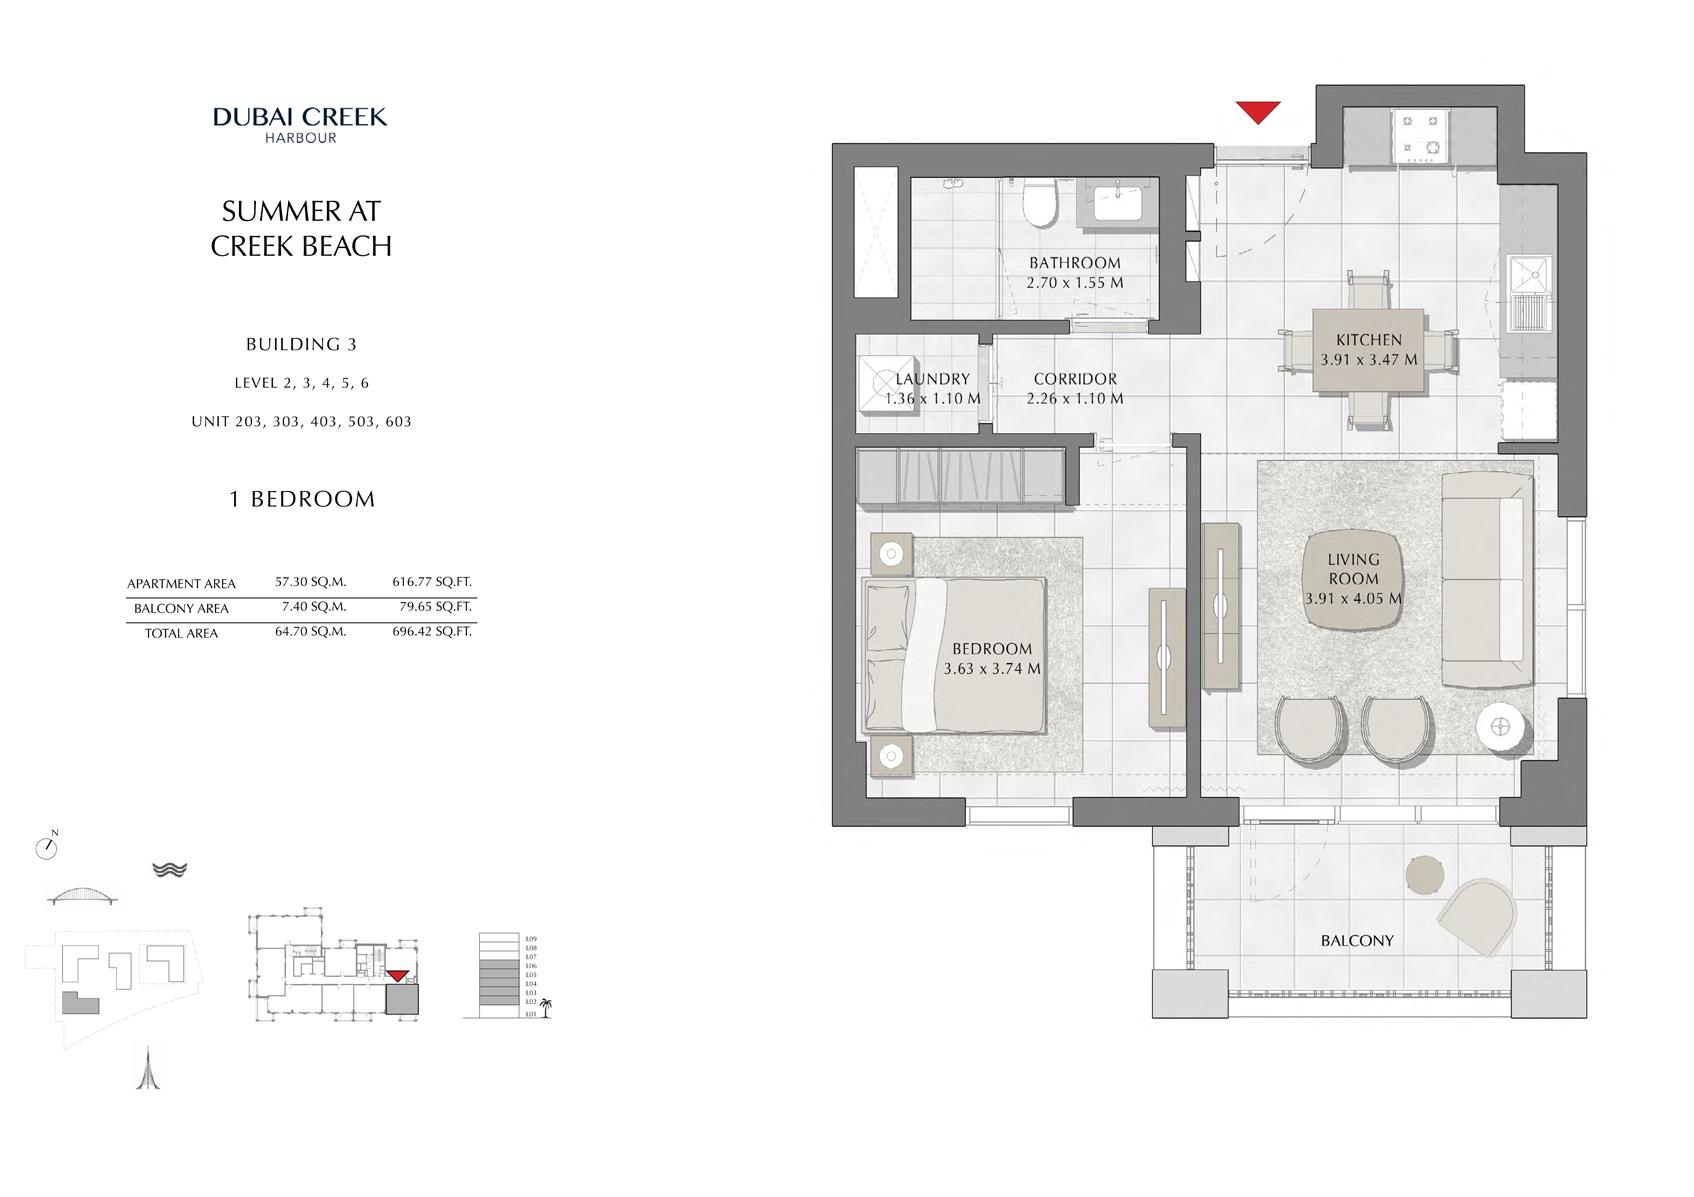 1 Br Building 3 Level-2-3-4-5-6 Unit-203-303-403-503-603, Size 696 Sq Ft